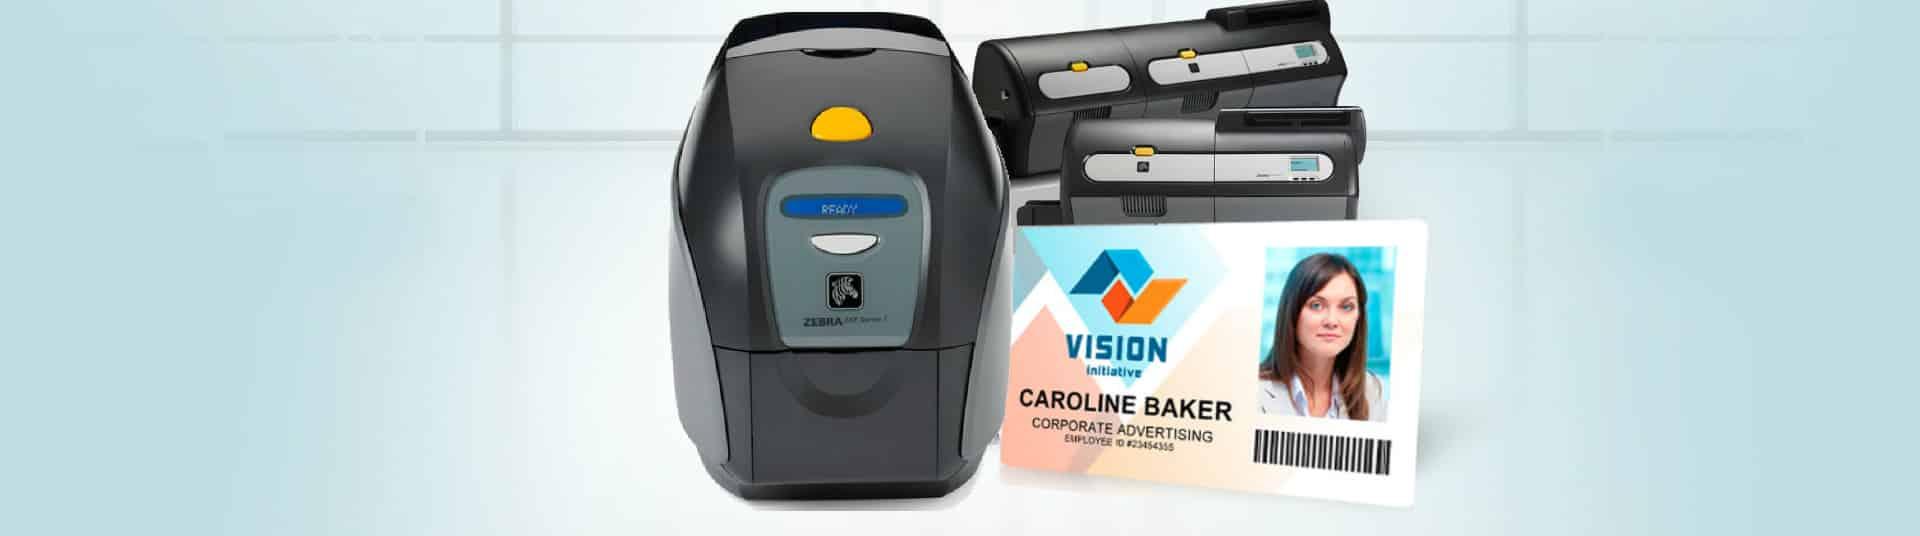 impresora de credenciales laborales